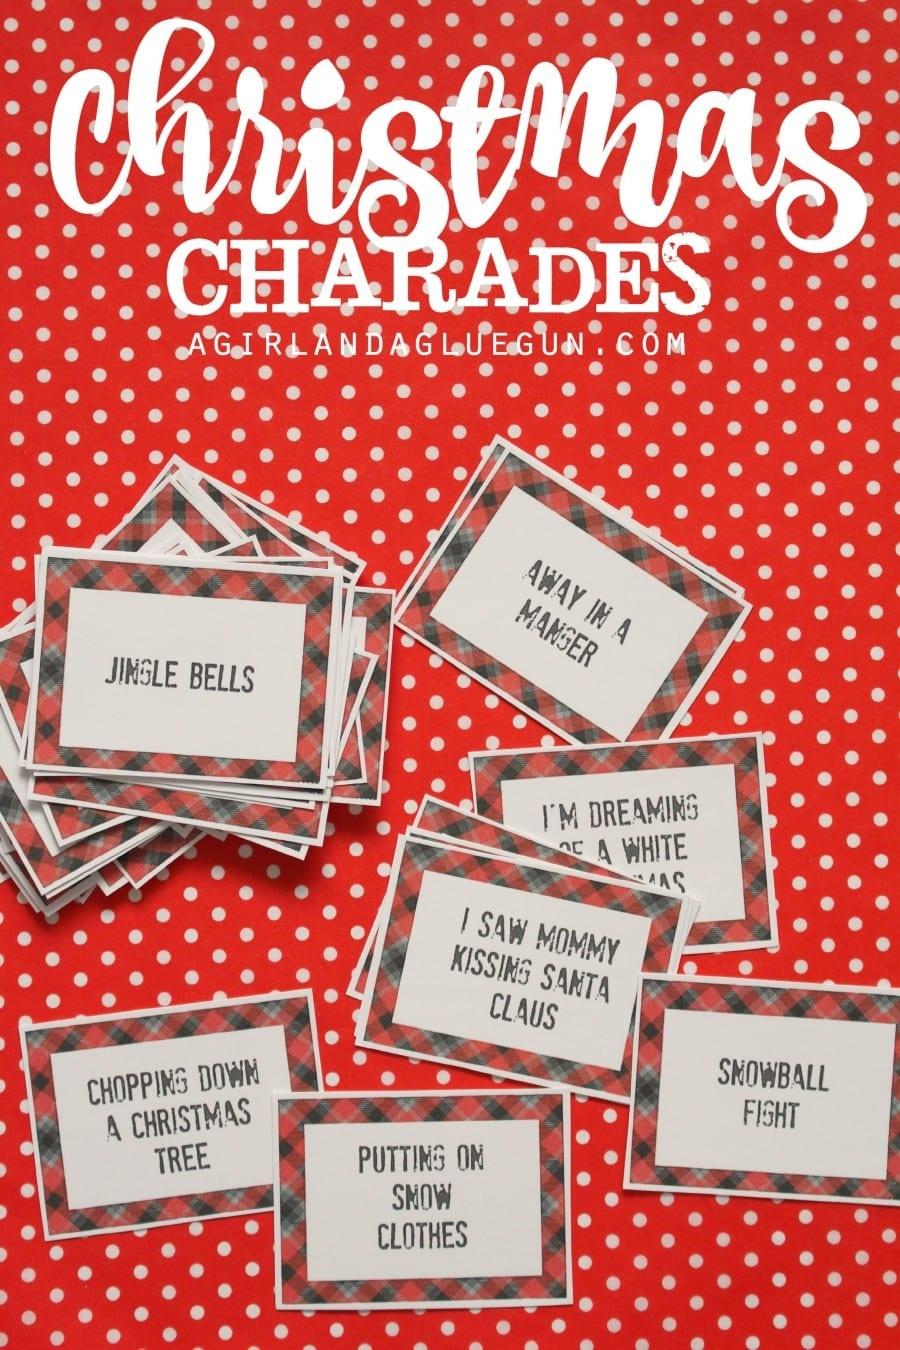 Christmas Charades Game And Free Printable Roundup! - A Girl And A - Free Printable Religious Christmas Games